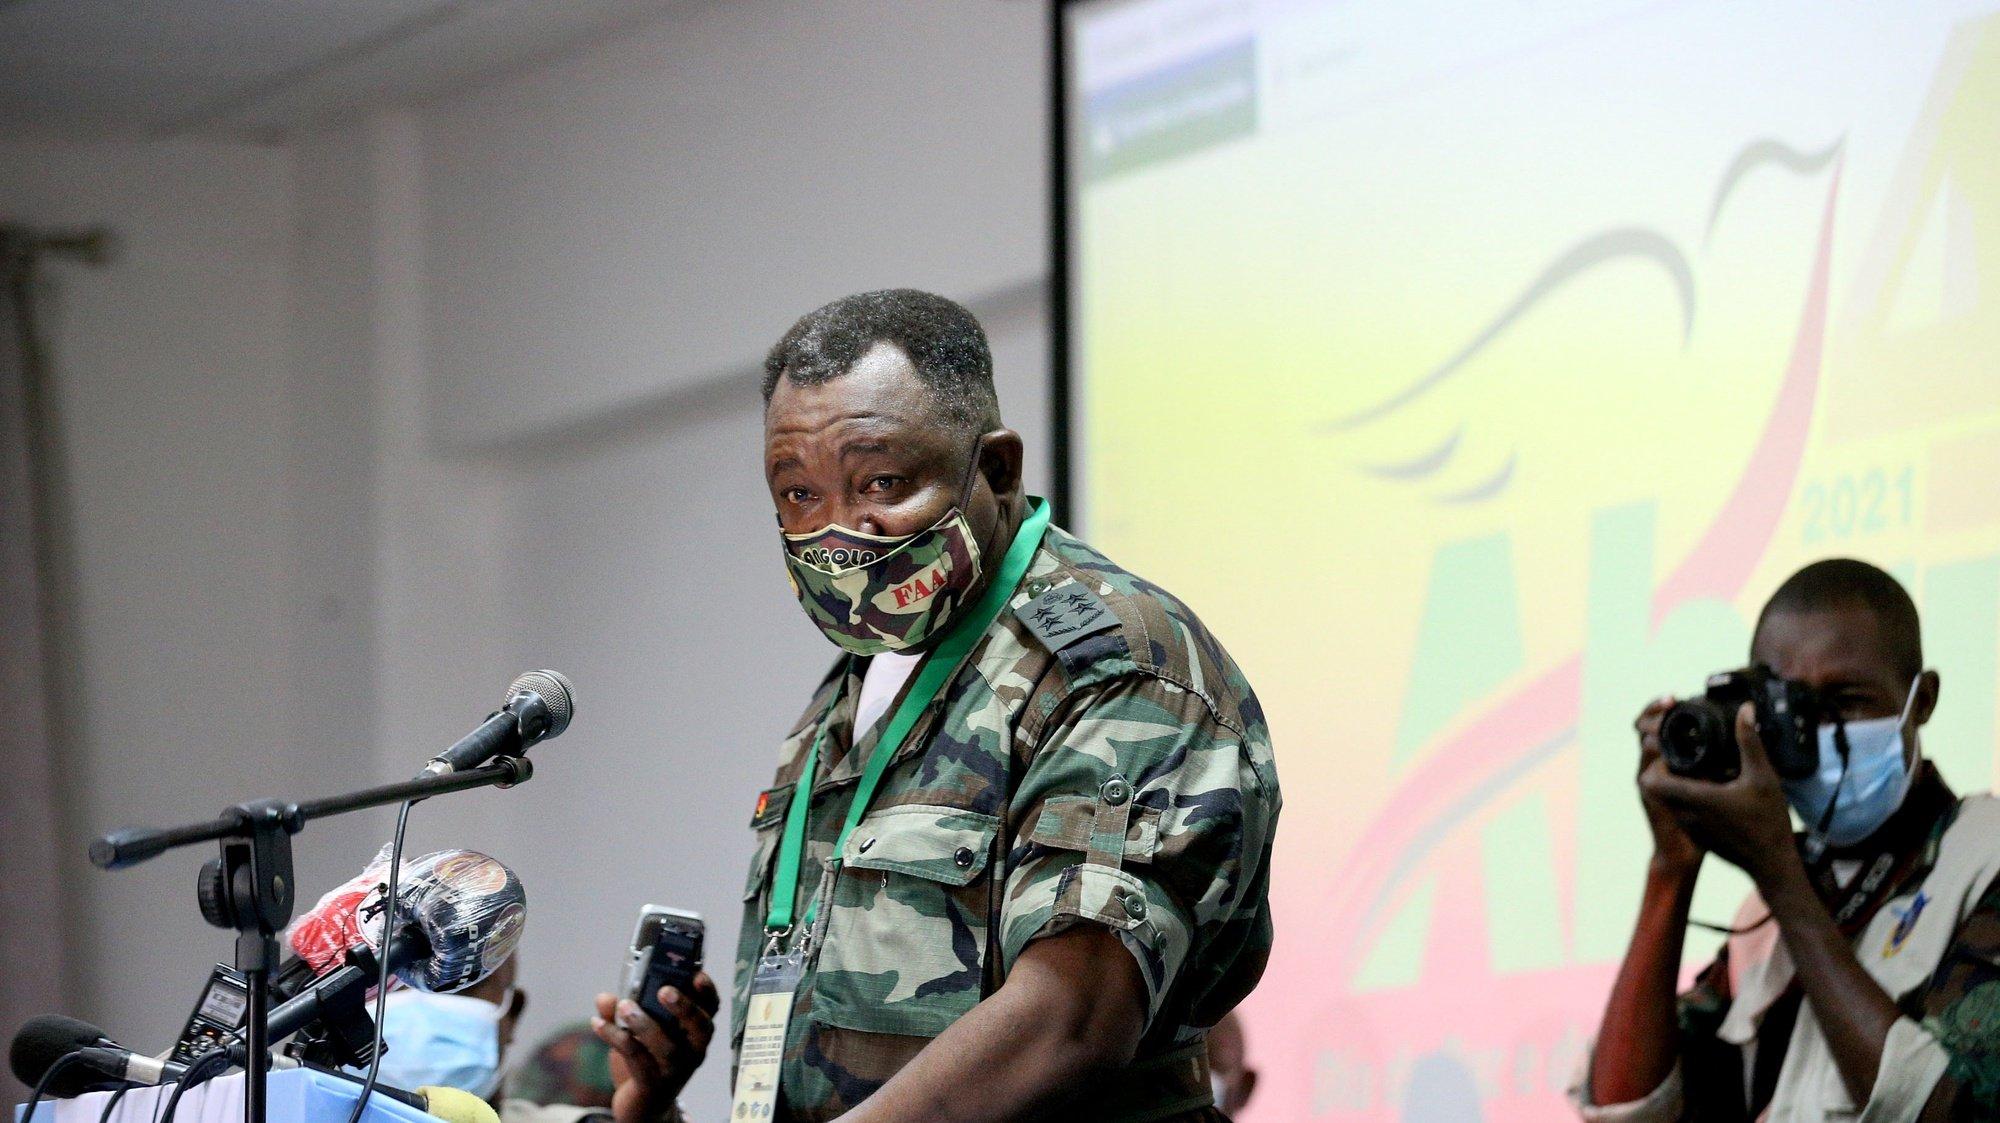 O chefe de Estado-Maior General das Forças Armadas Angolanas (CEMGFAA), general Egídio de Sousa, durante a cerimónia de abertura das jornadas patriotas e do lançamento oficial do web das Forças Armadas Angolanas, sob lema Angola Paz Unidade e Democracia nas Comemorações  do  19º aniversário da assinatura do memorando ao protocolo de Lusaka, Luanda, Angola, 31 de março de 2021. AMPE ROGÉRIO/LUSA